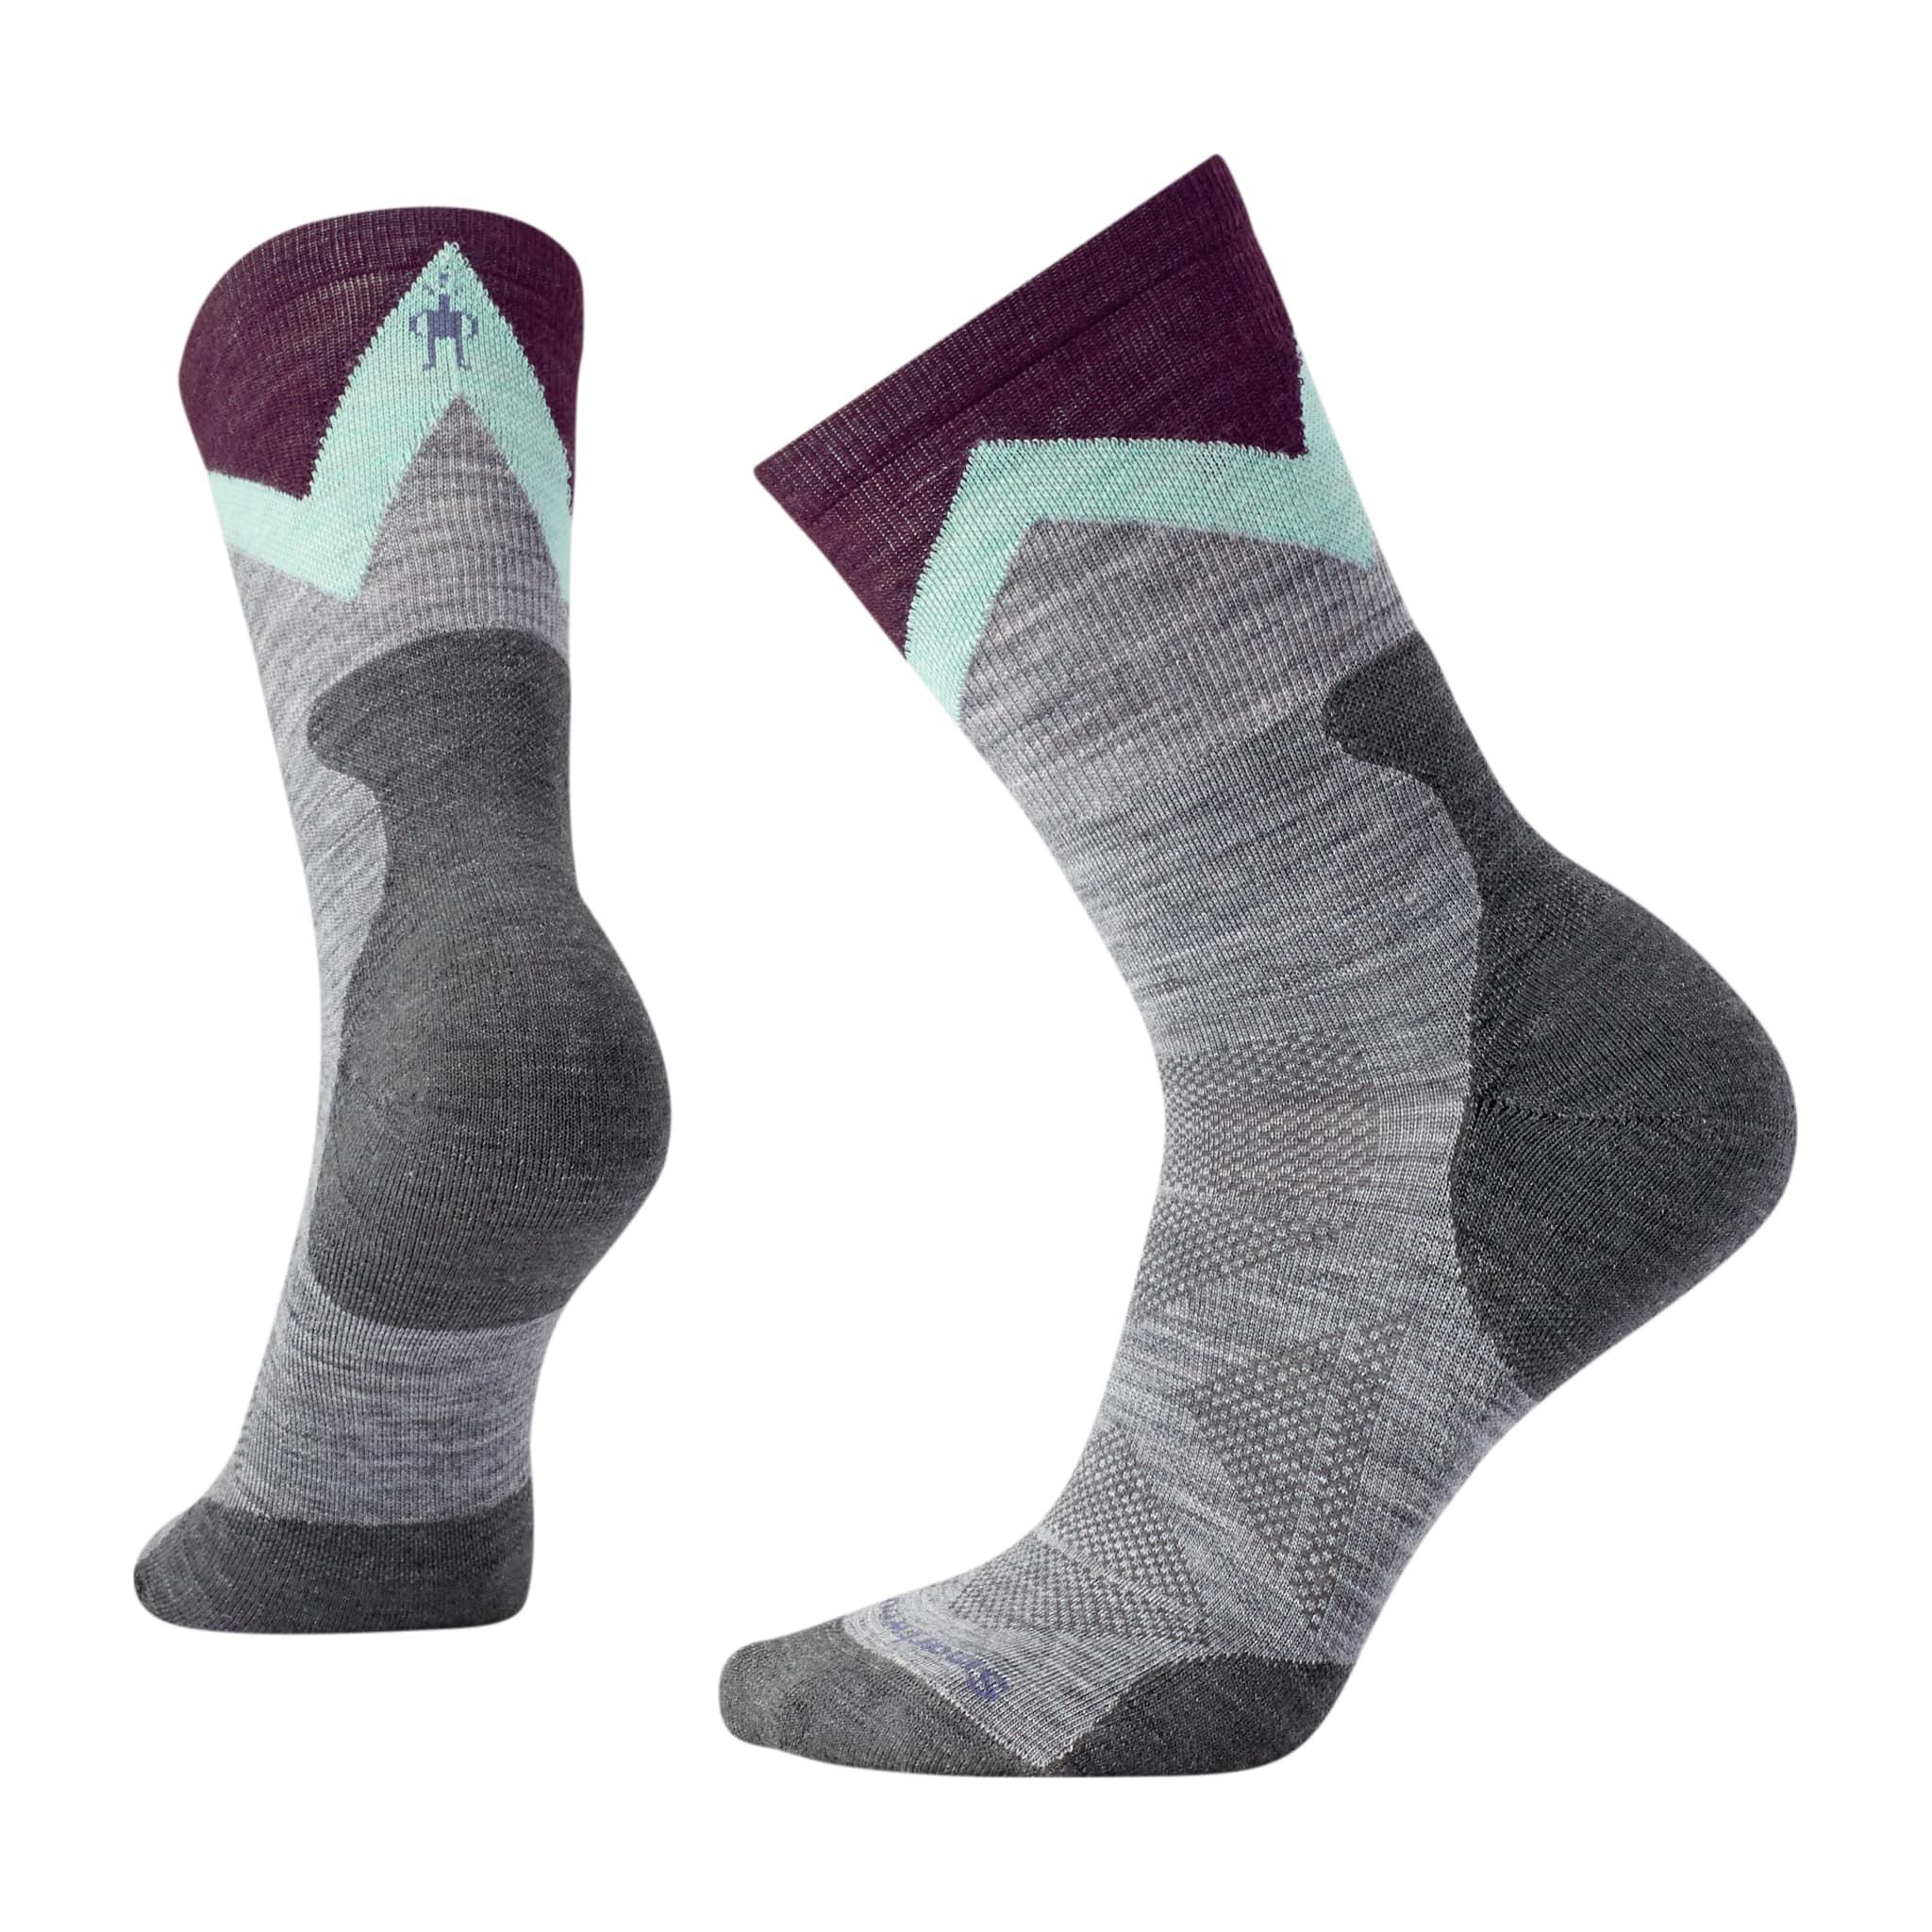 Allsidige sokker med svært god passform og ekstra padding